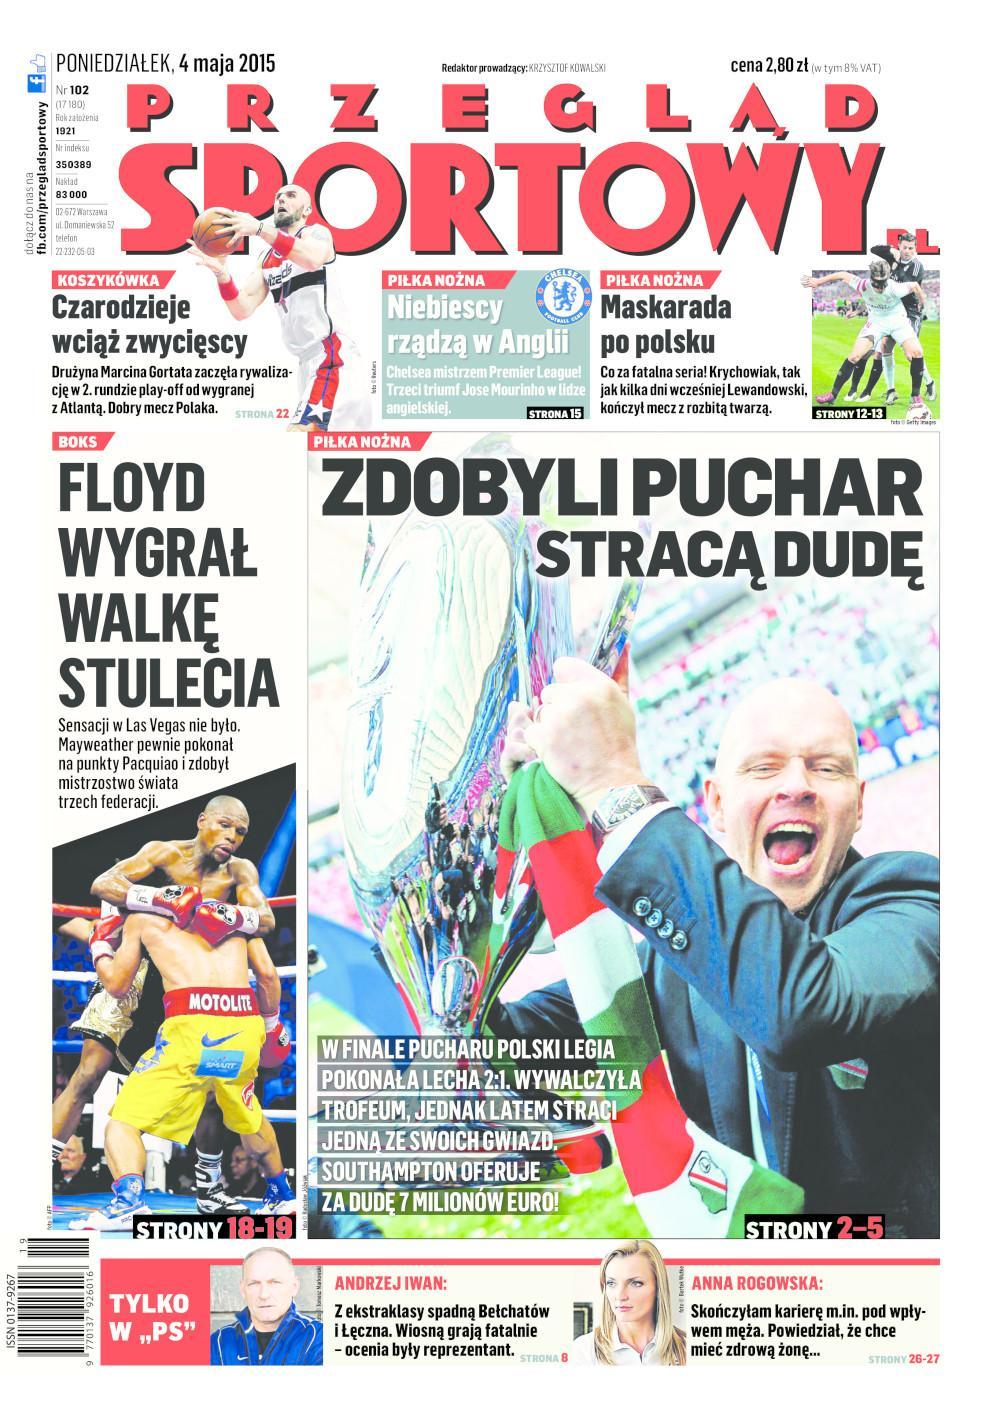 Okładka Przegląd Sportowy po meczu Lech Poznań - Legia Warszawa 1:2 (02.05.2015).